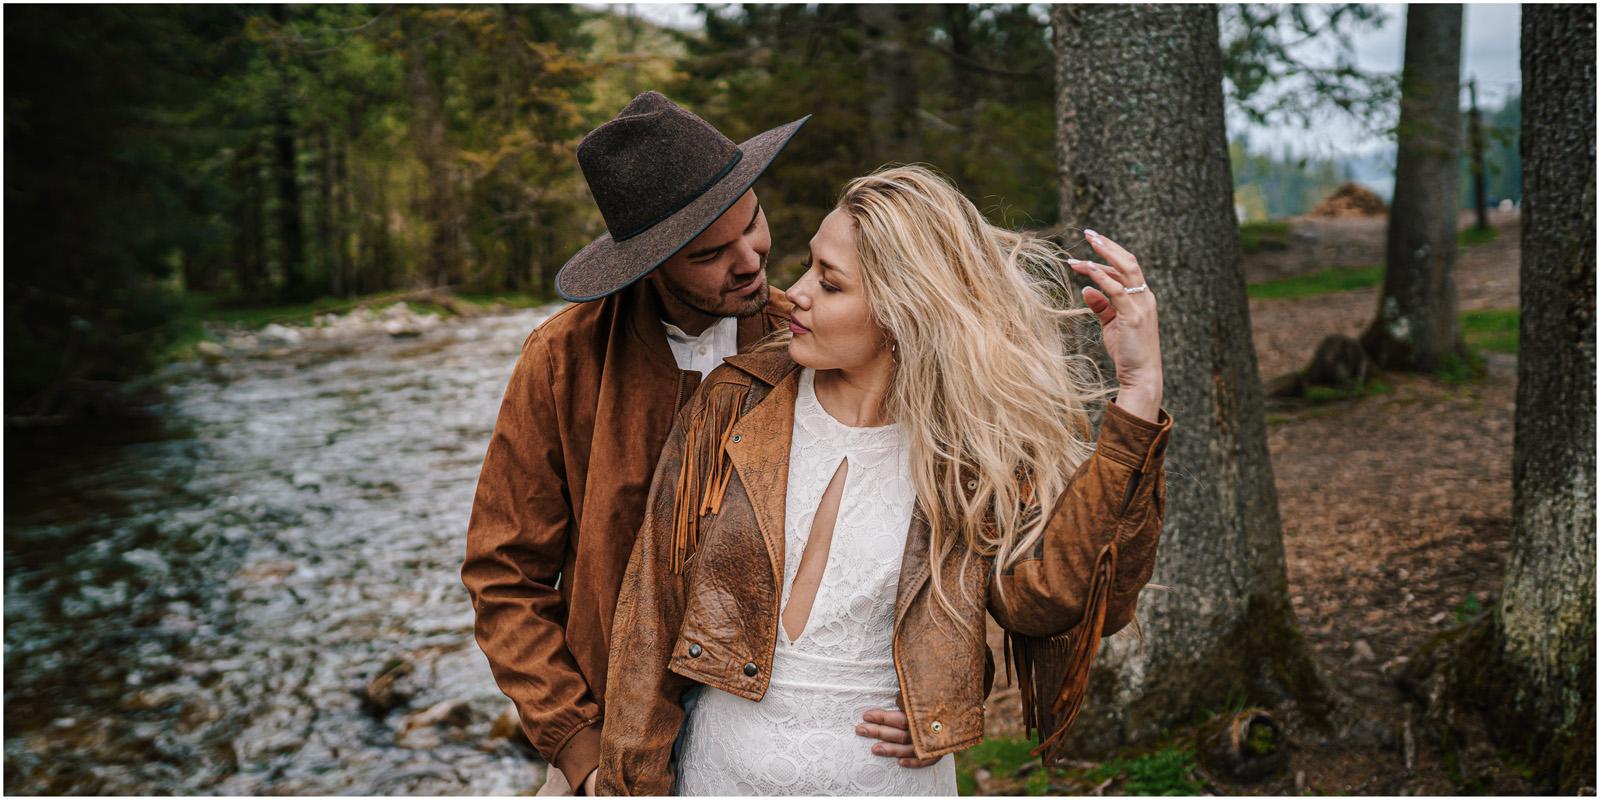 Amanda & Błażej | ślub i sesja w górach 67